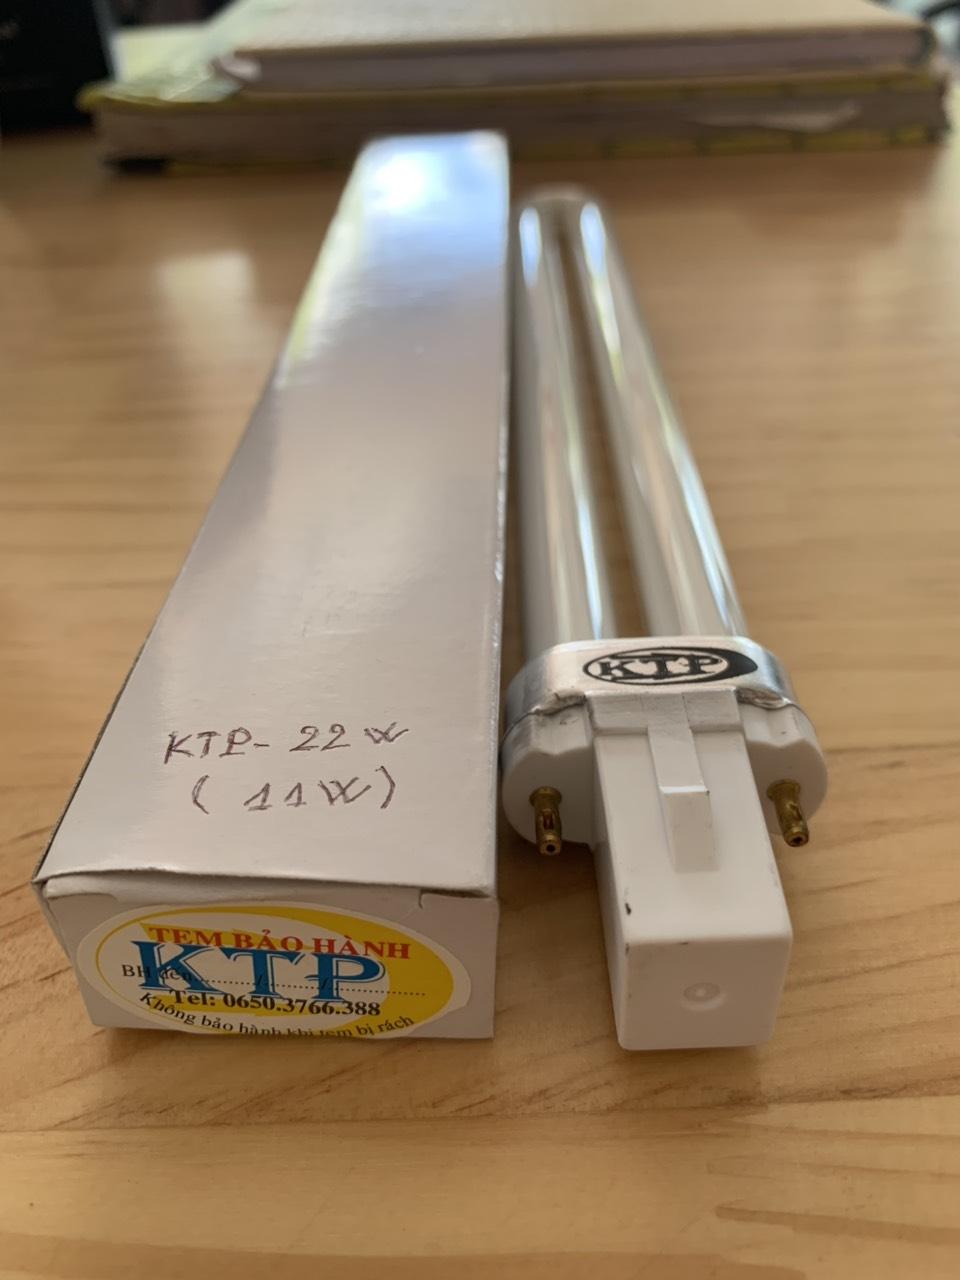 Bóng đèn thu hút côn trùng 11W dùng cho đèn KTP-22W